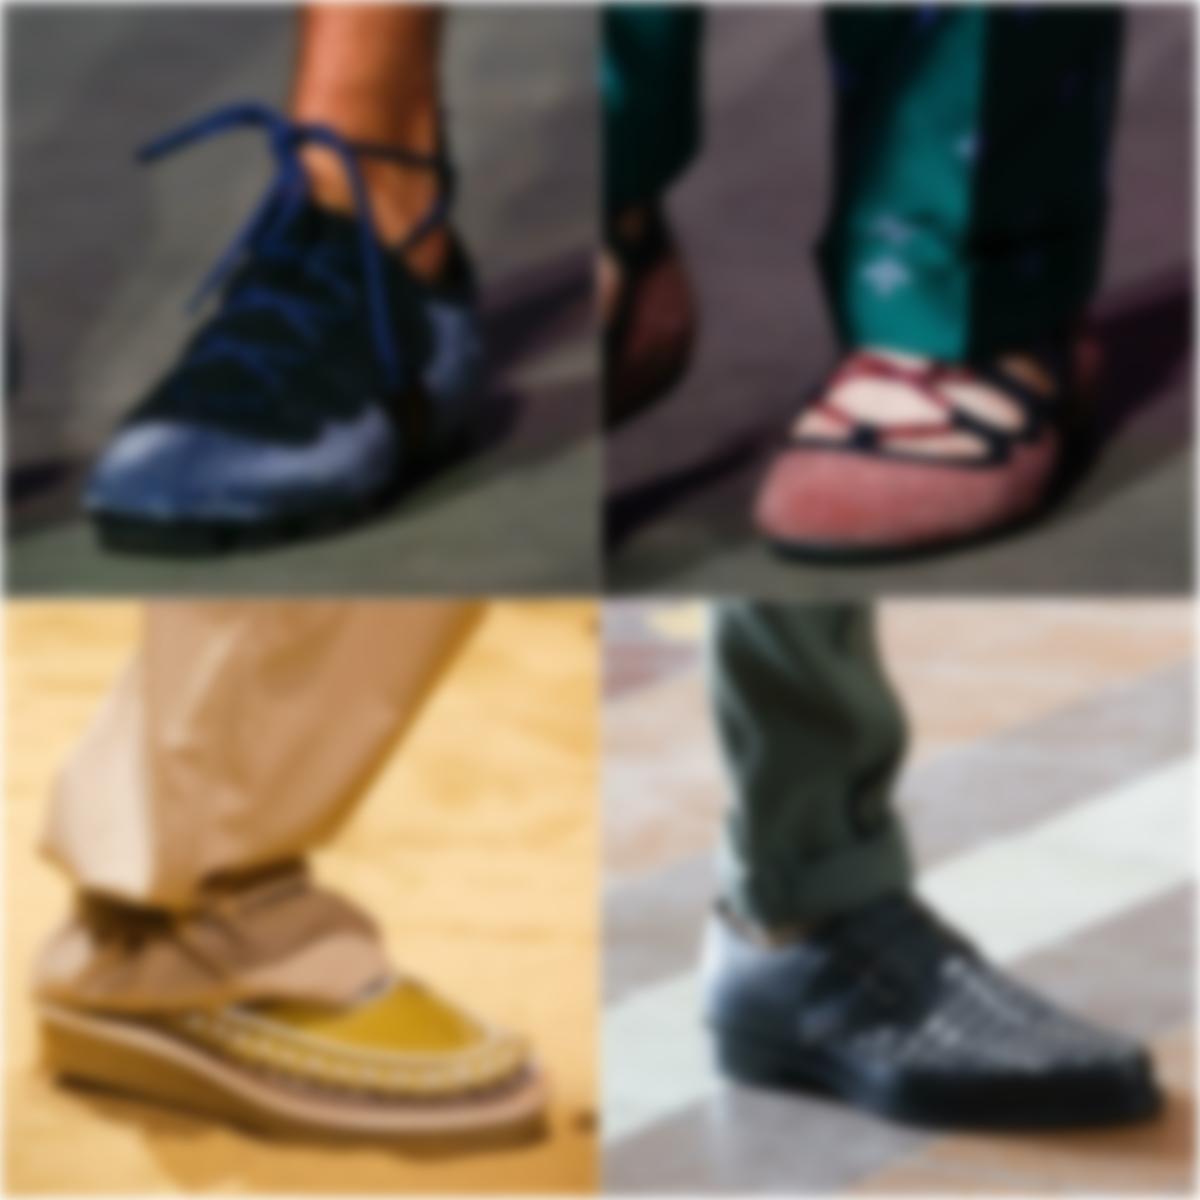 b1cd75215 Модными новинками будут полуботинки с цветочными и растительными принтами,  бисером, бахромой, кисточками и вышивкой. В женской и мужской обувной моде  ...